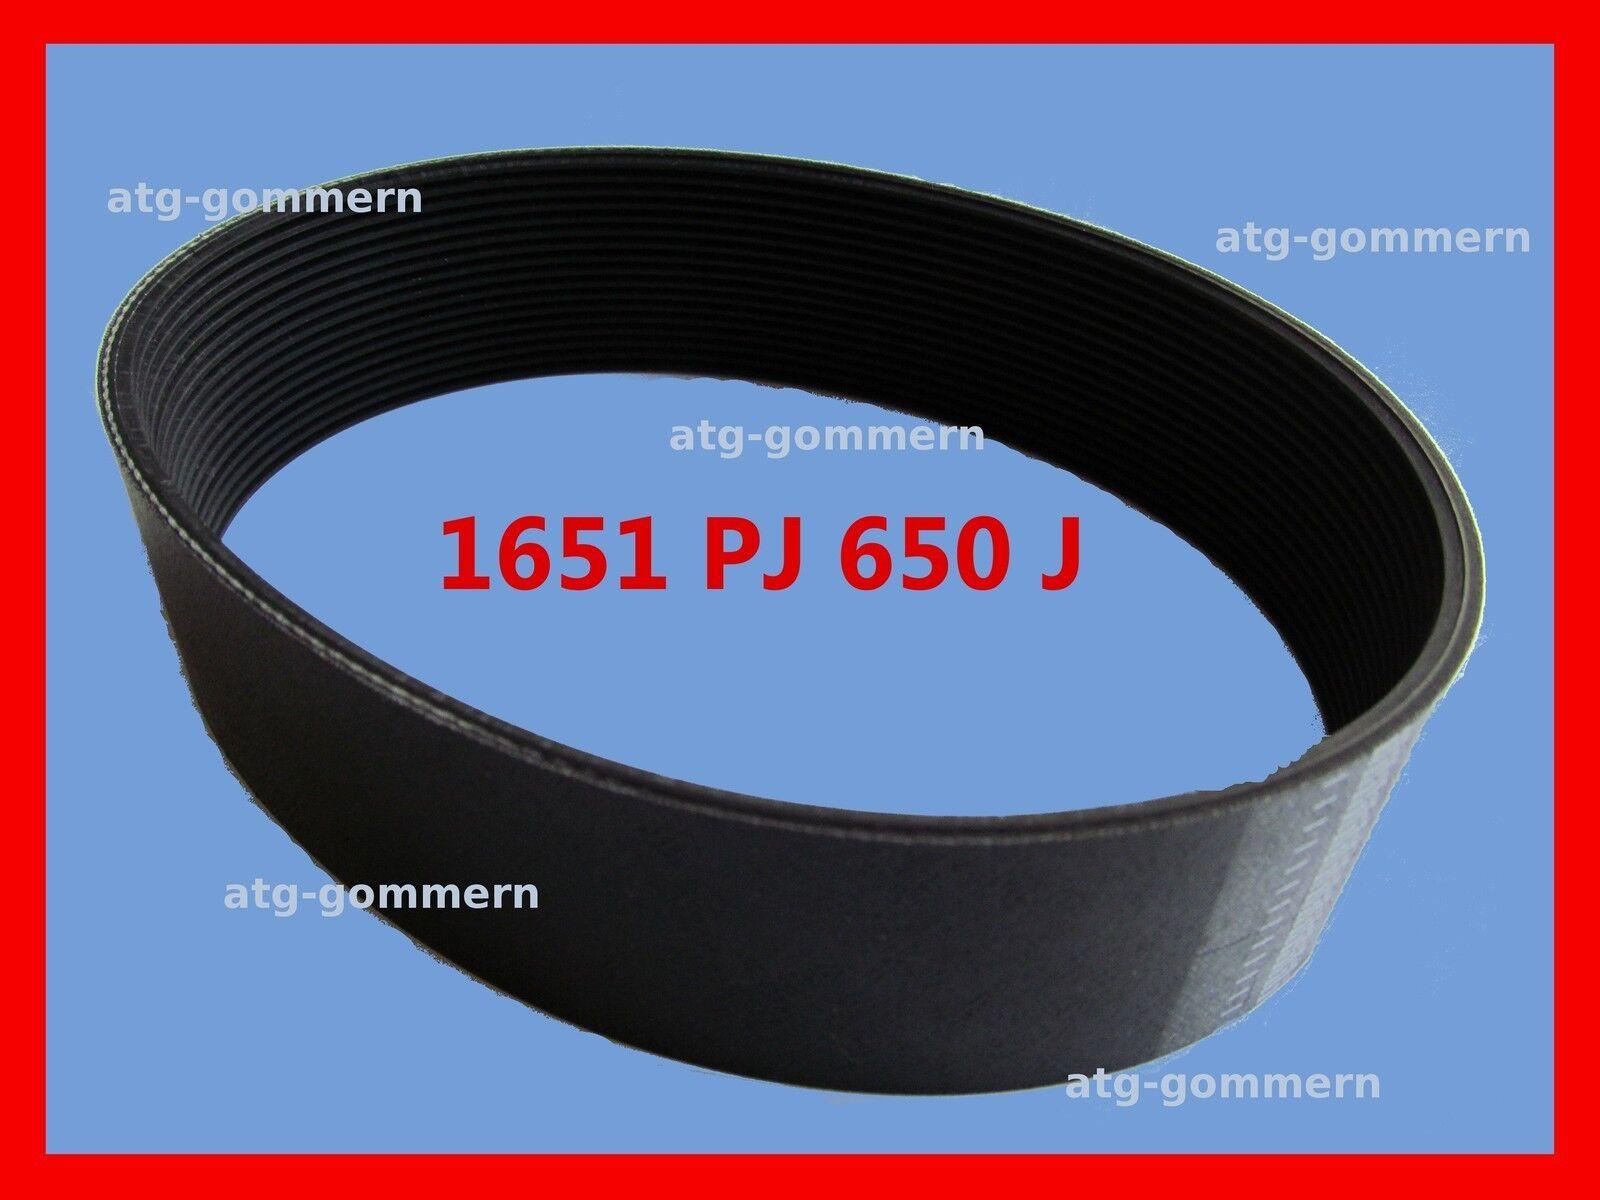 PJ1651 poly-v riemen flachriemen keilrippenriemen pj 1651 650 J